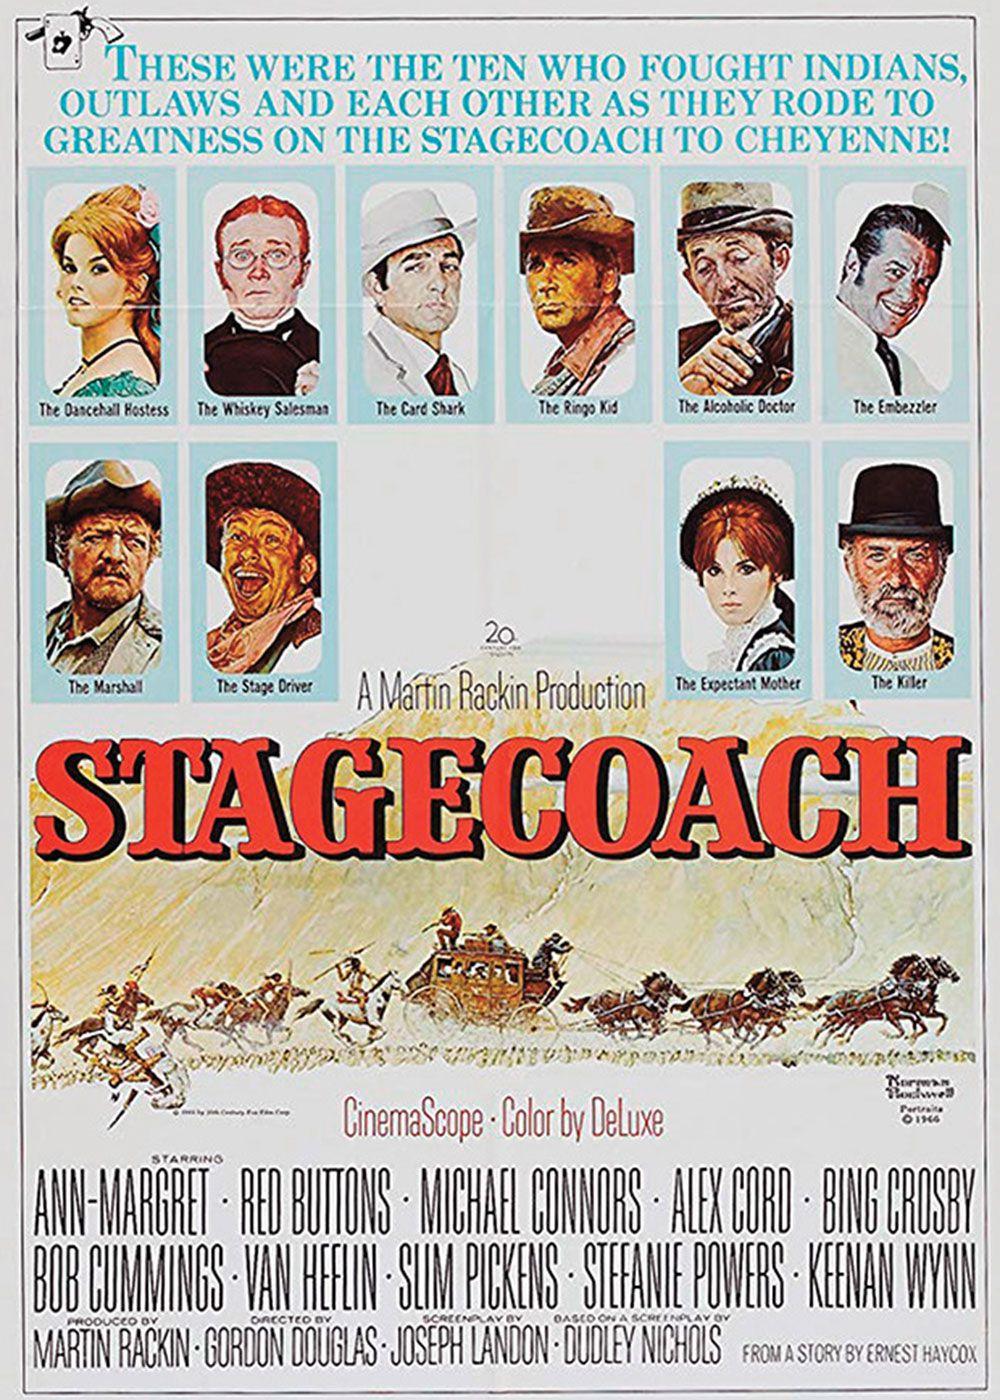 stagecoach remake 20th century fox true west magazine